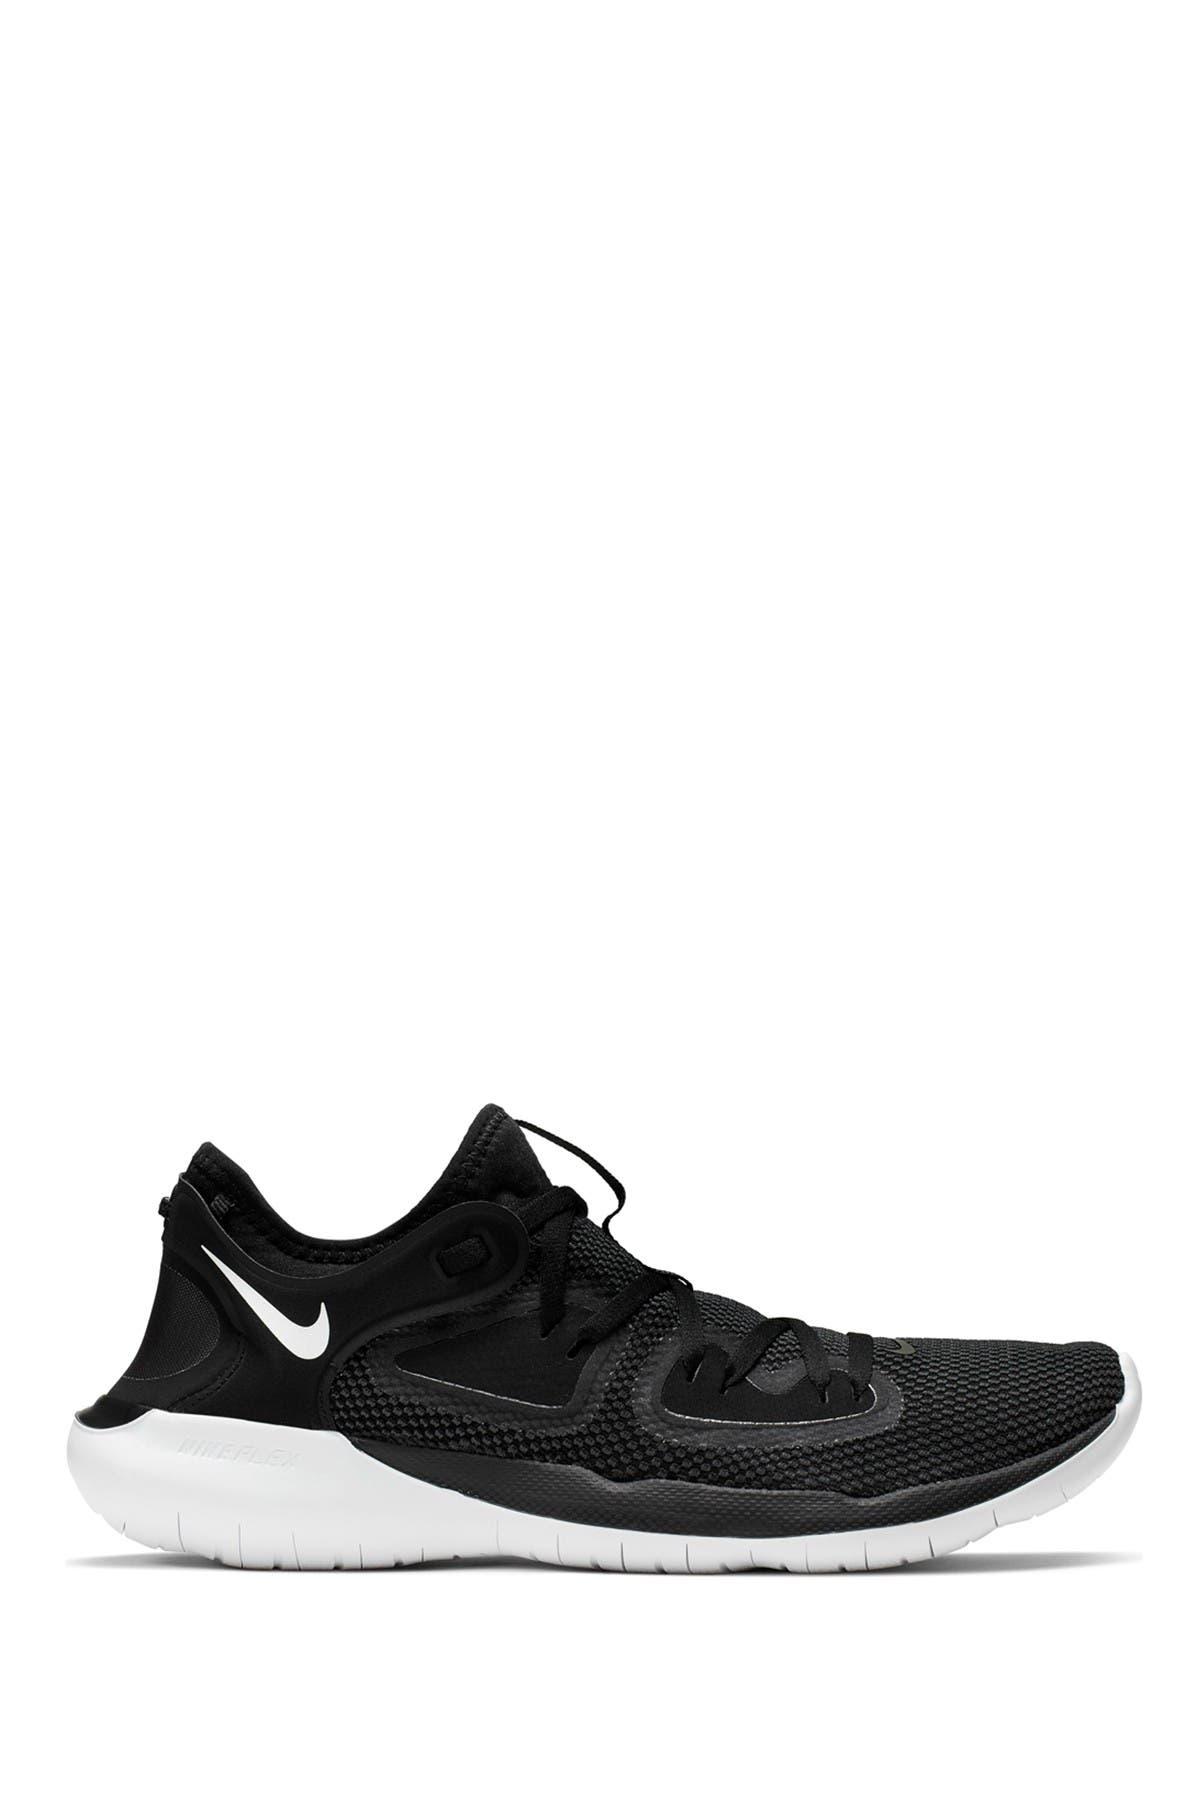 Nike | Flex RN 2019 Men's Running Shoe